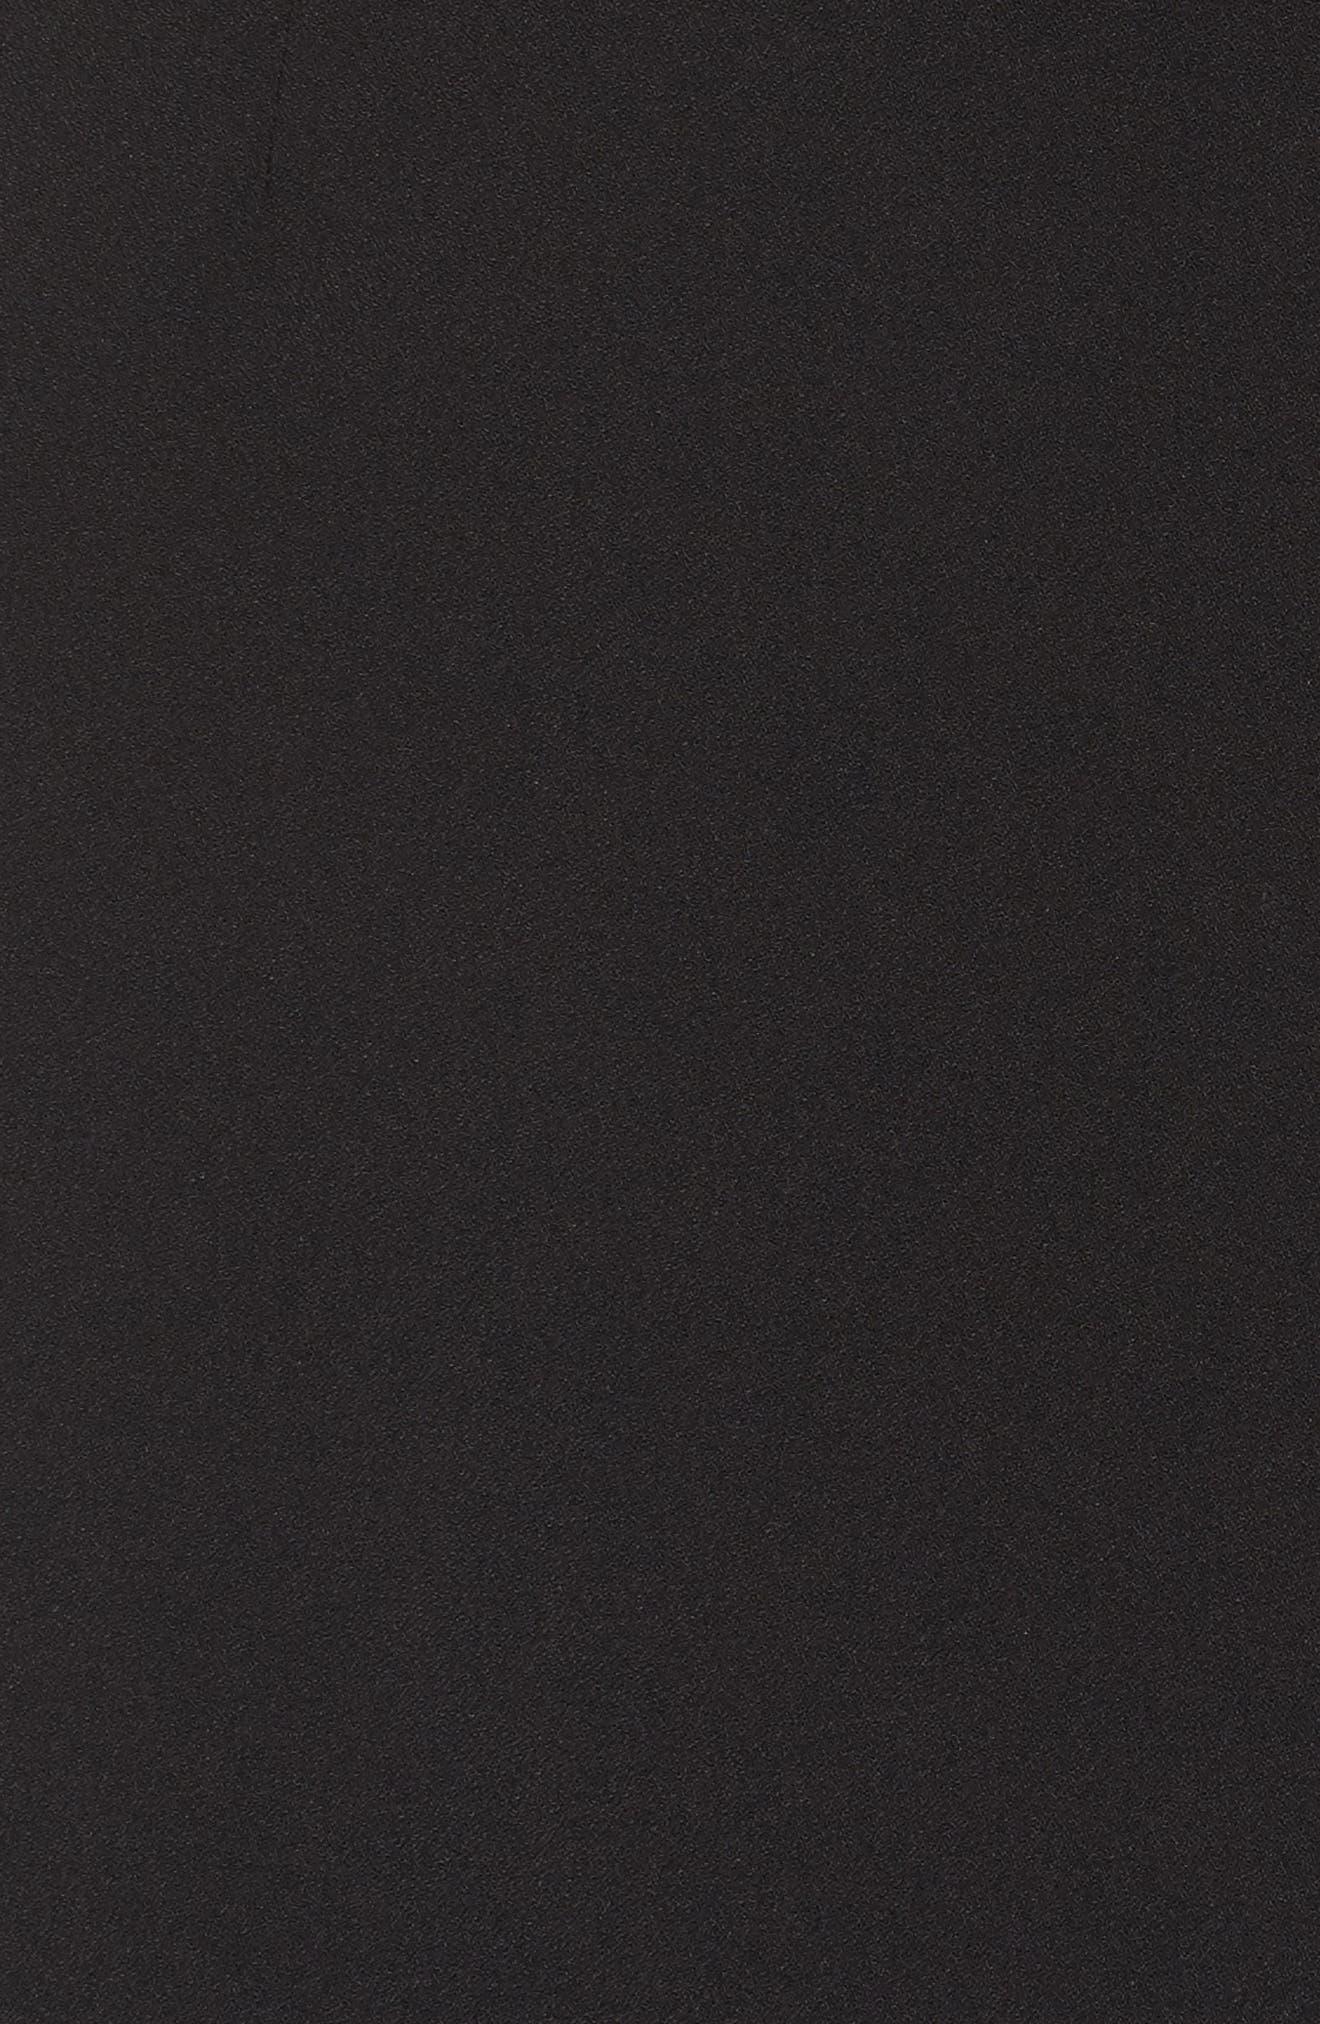 Cutout Midi Dress,                             Alternate thumbnail 5, color,                             Black